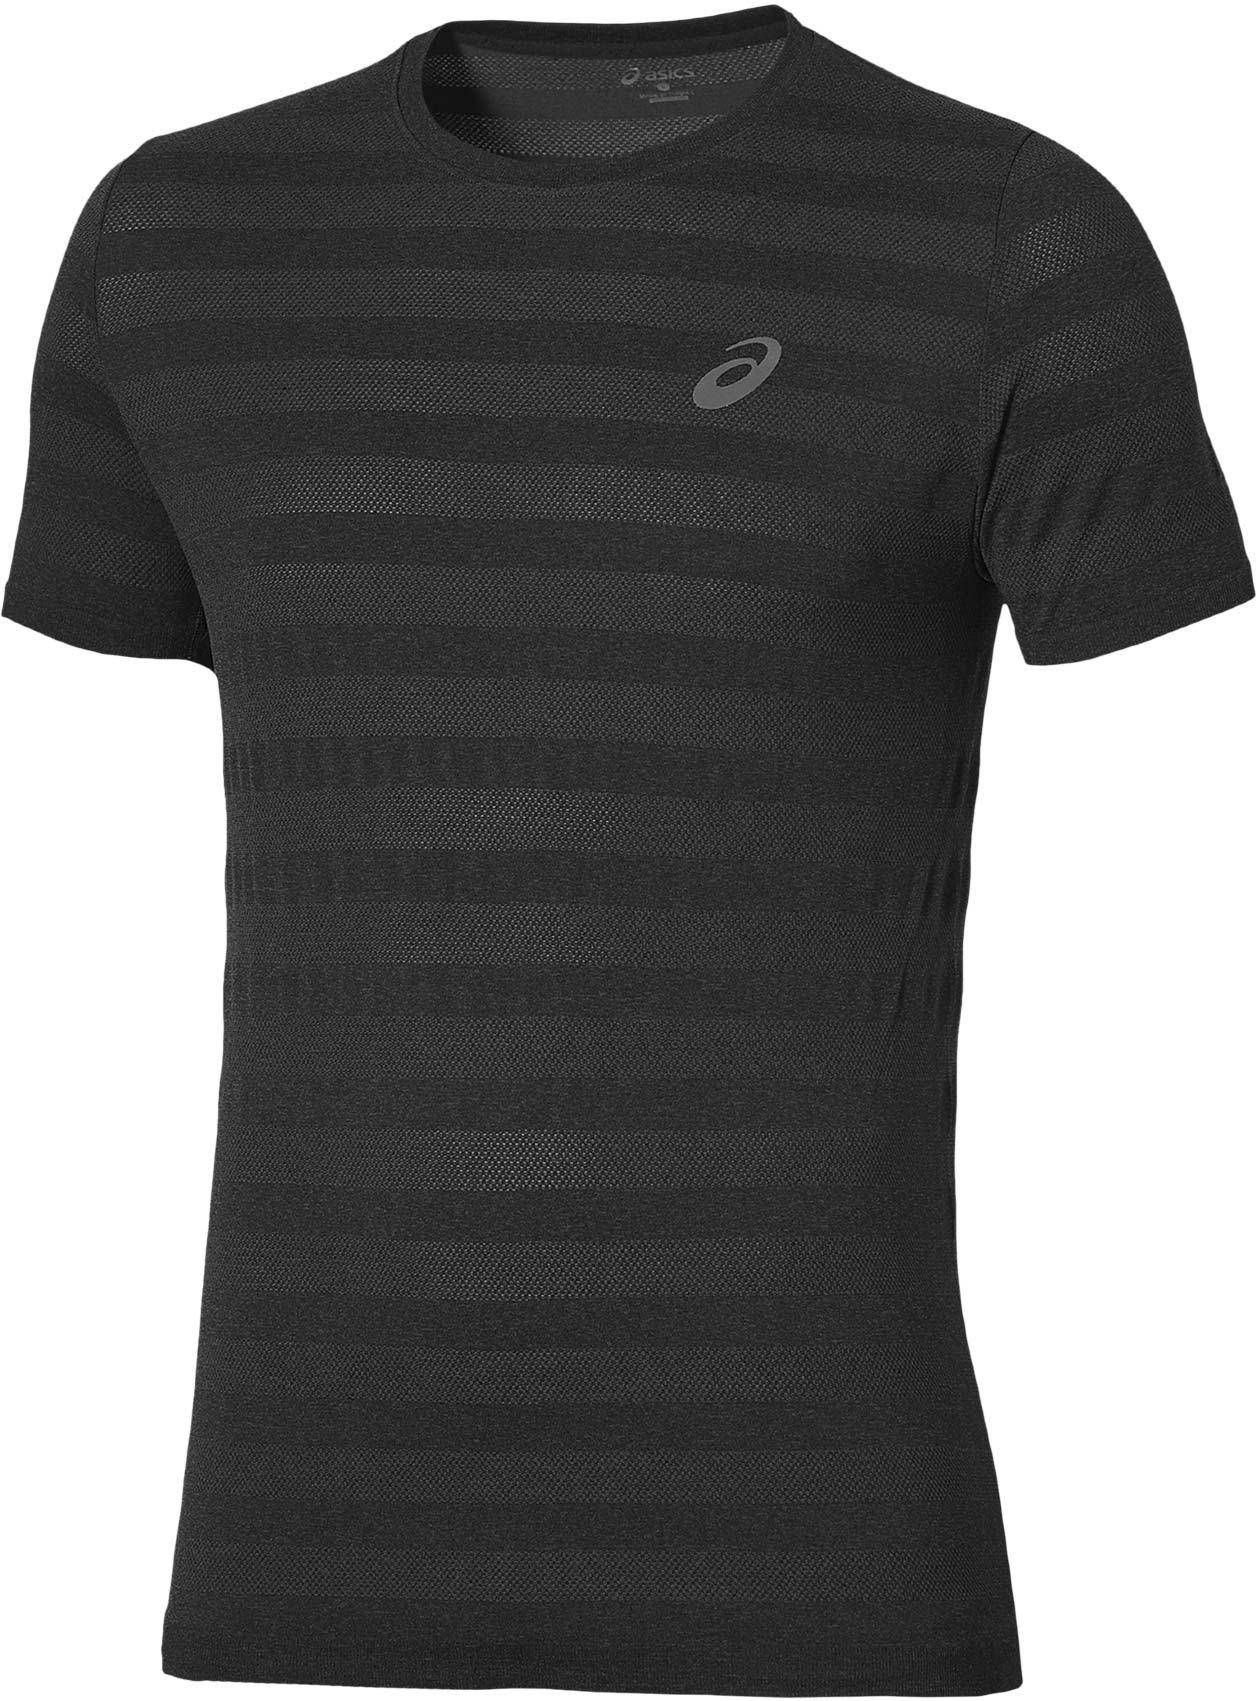 a53f51a645fc Asics FUZEX SEAMLESS TEE. Men s running T-shirt